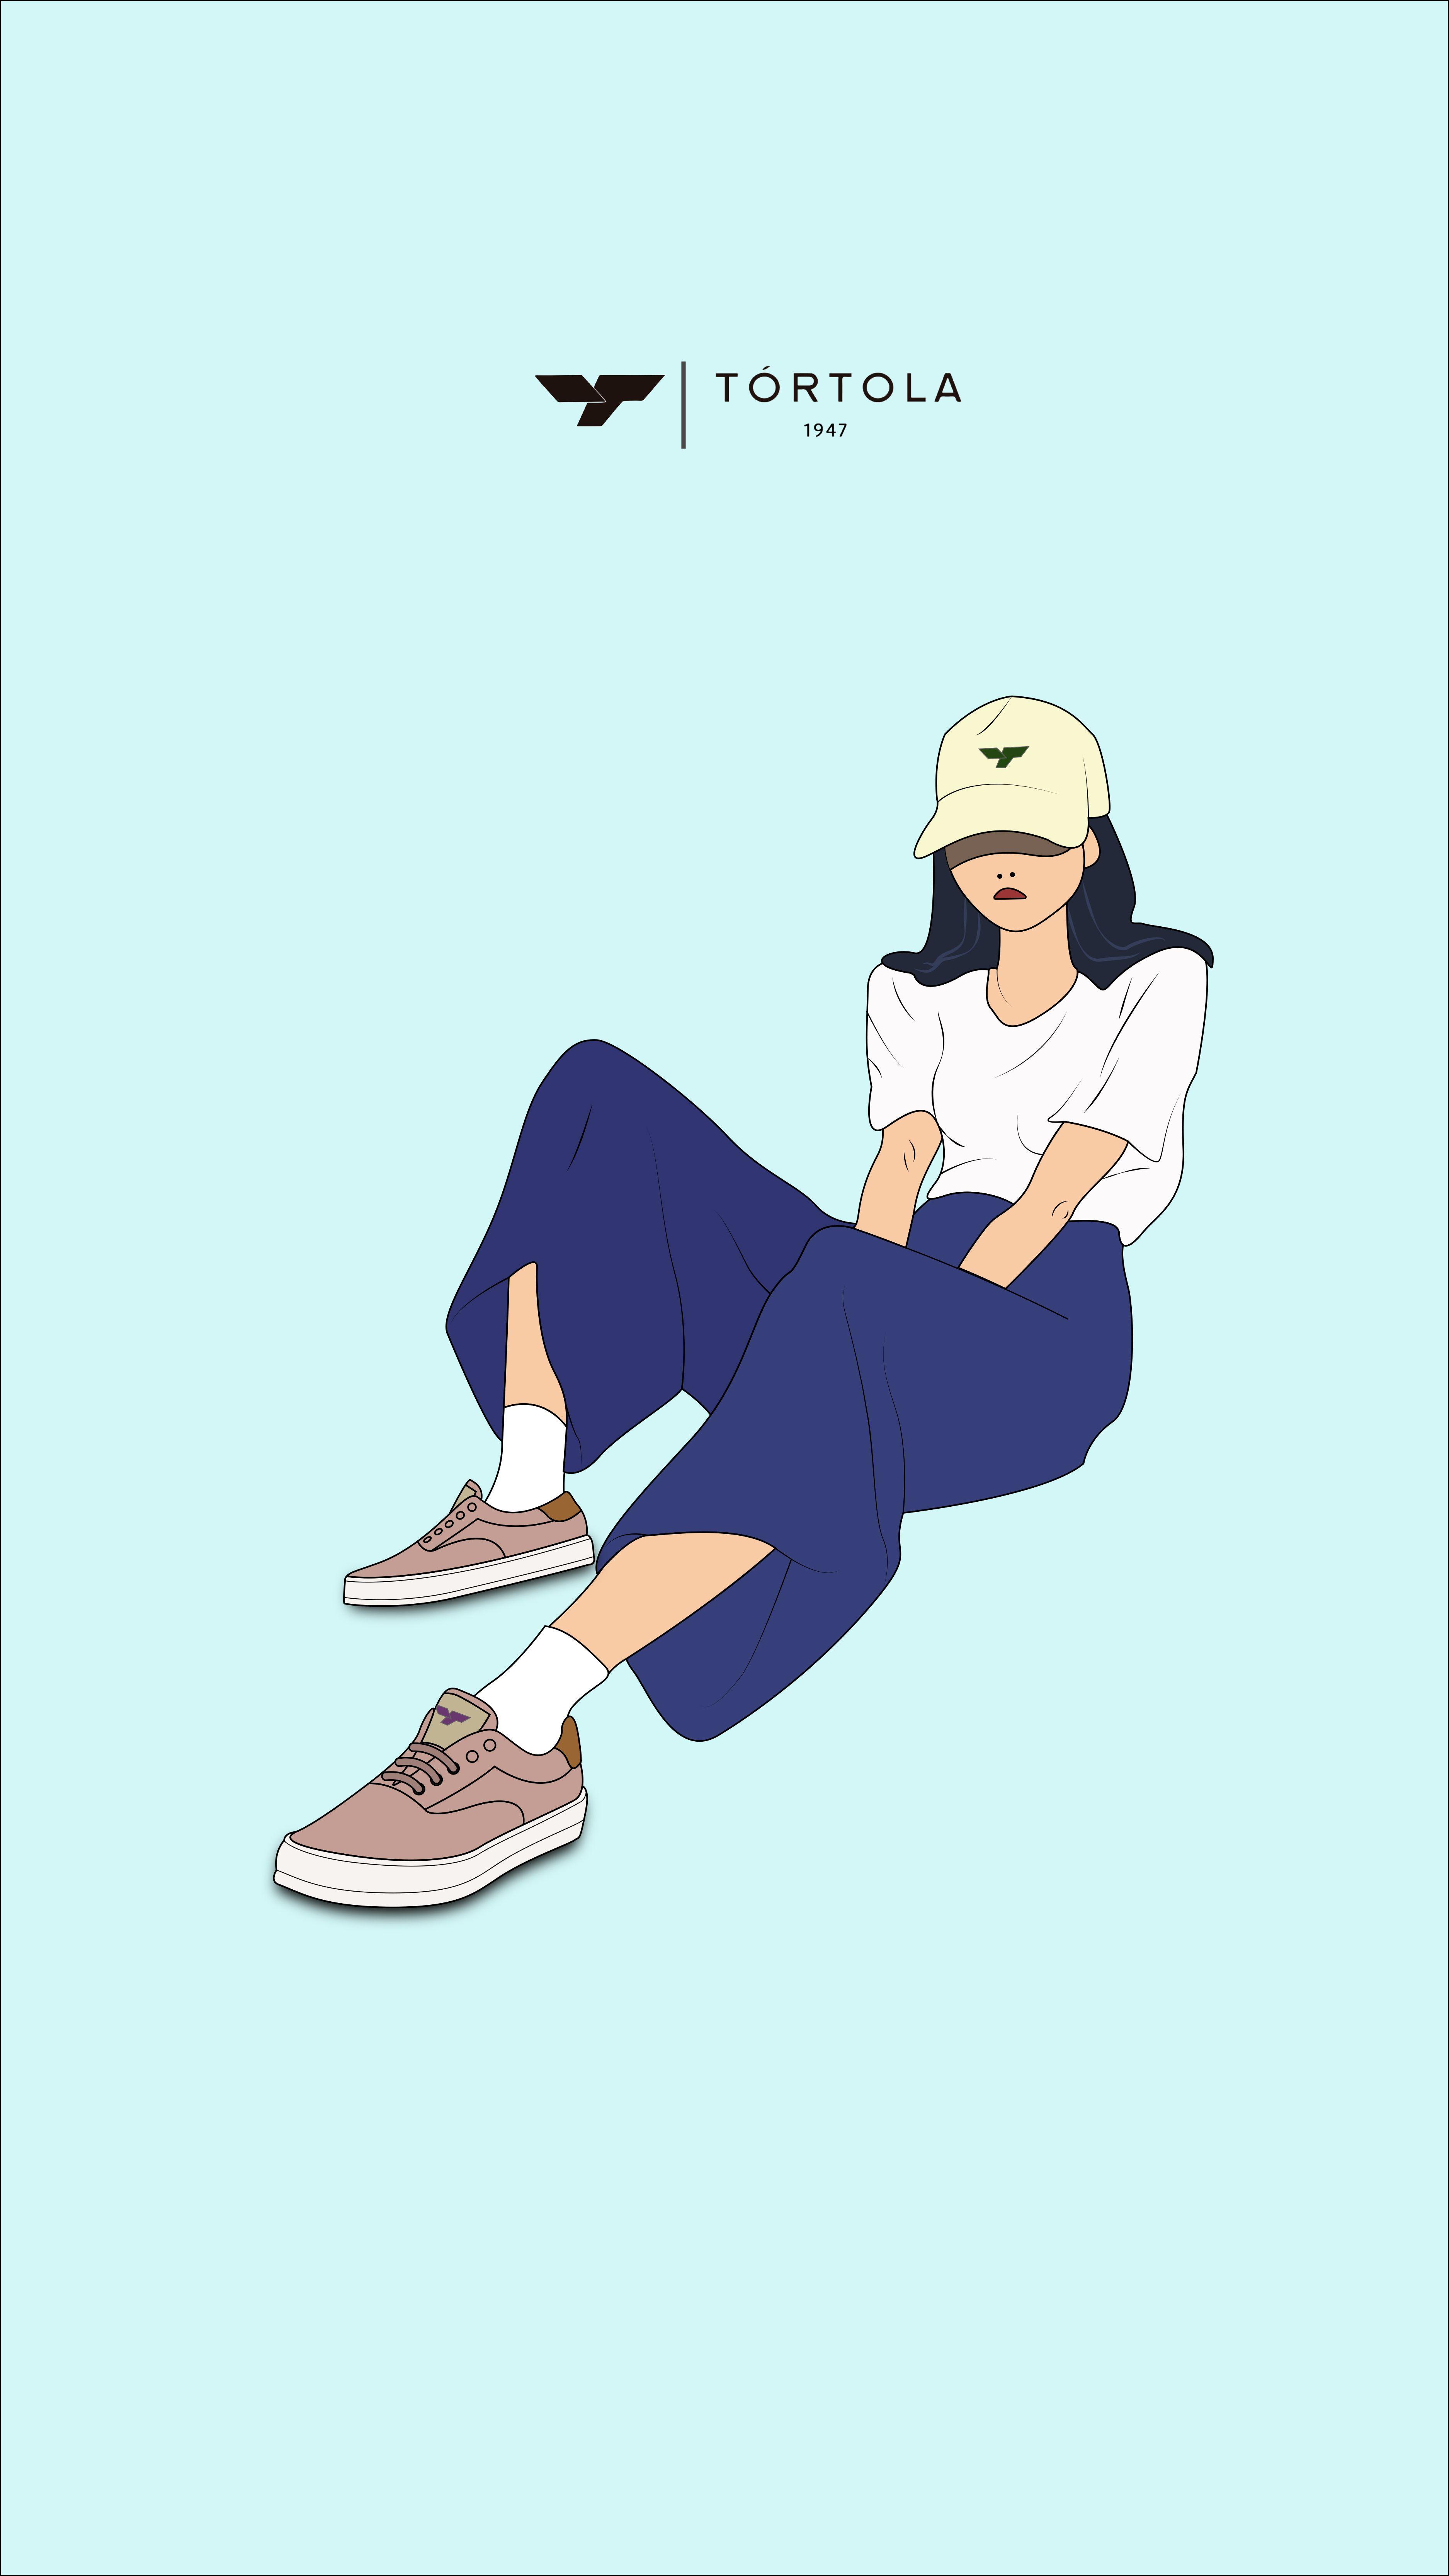 Tienda online de sneakers - Zapatillas Tórtola